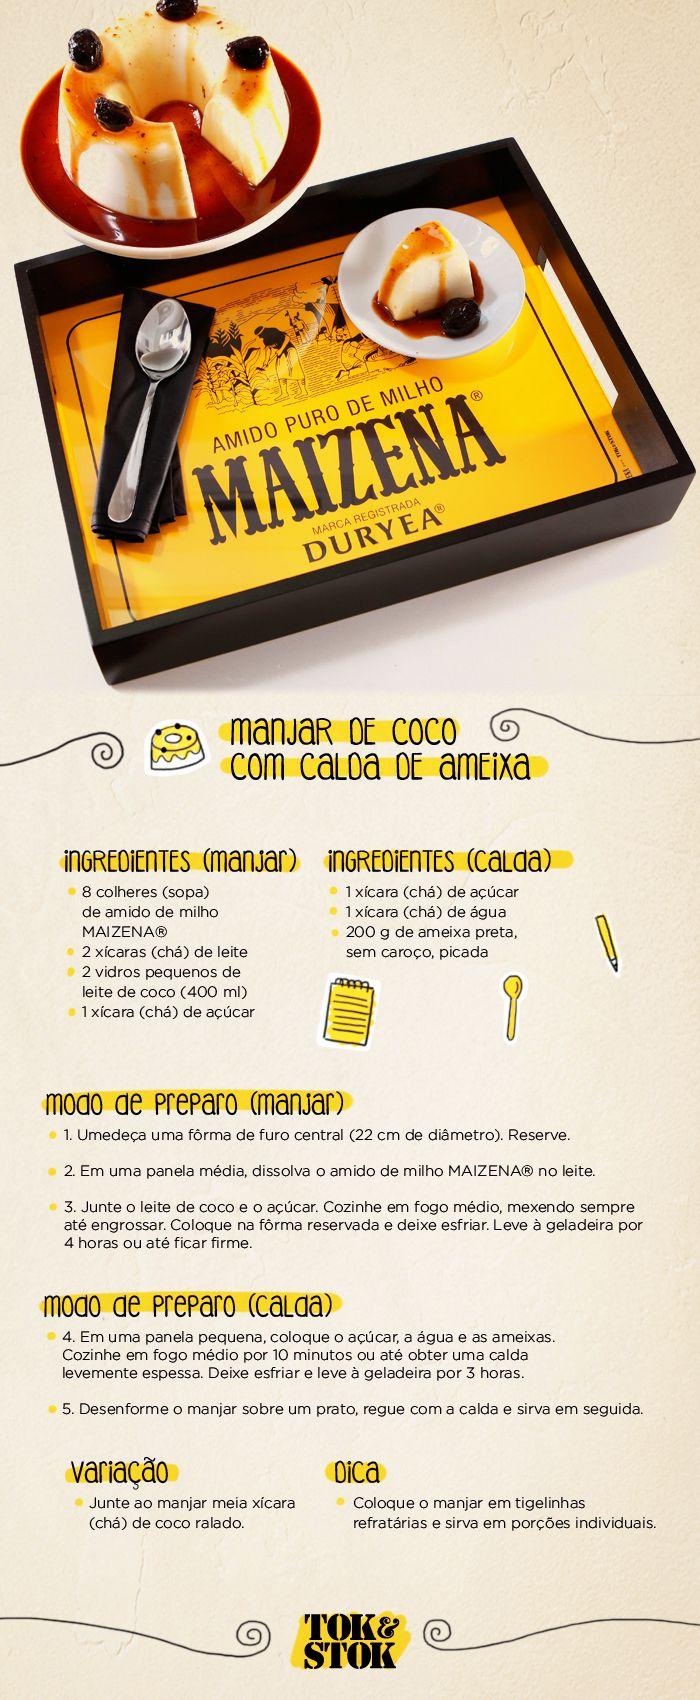 Receita de manjar de coco com calda e a bandeja da nossa parceria com MAIZENA®.